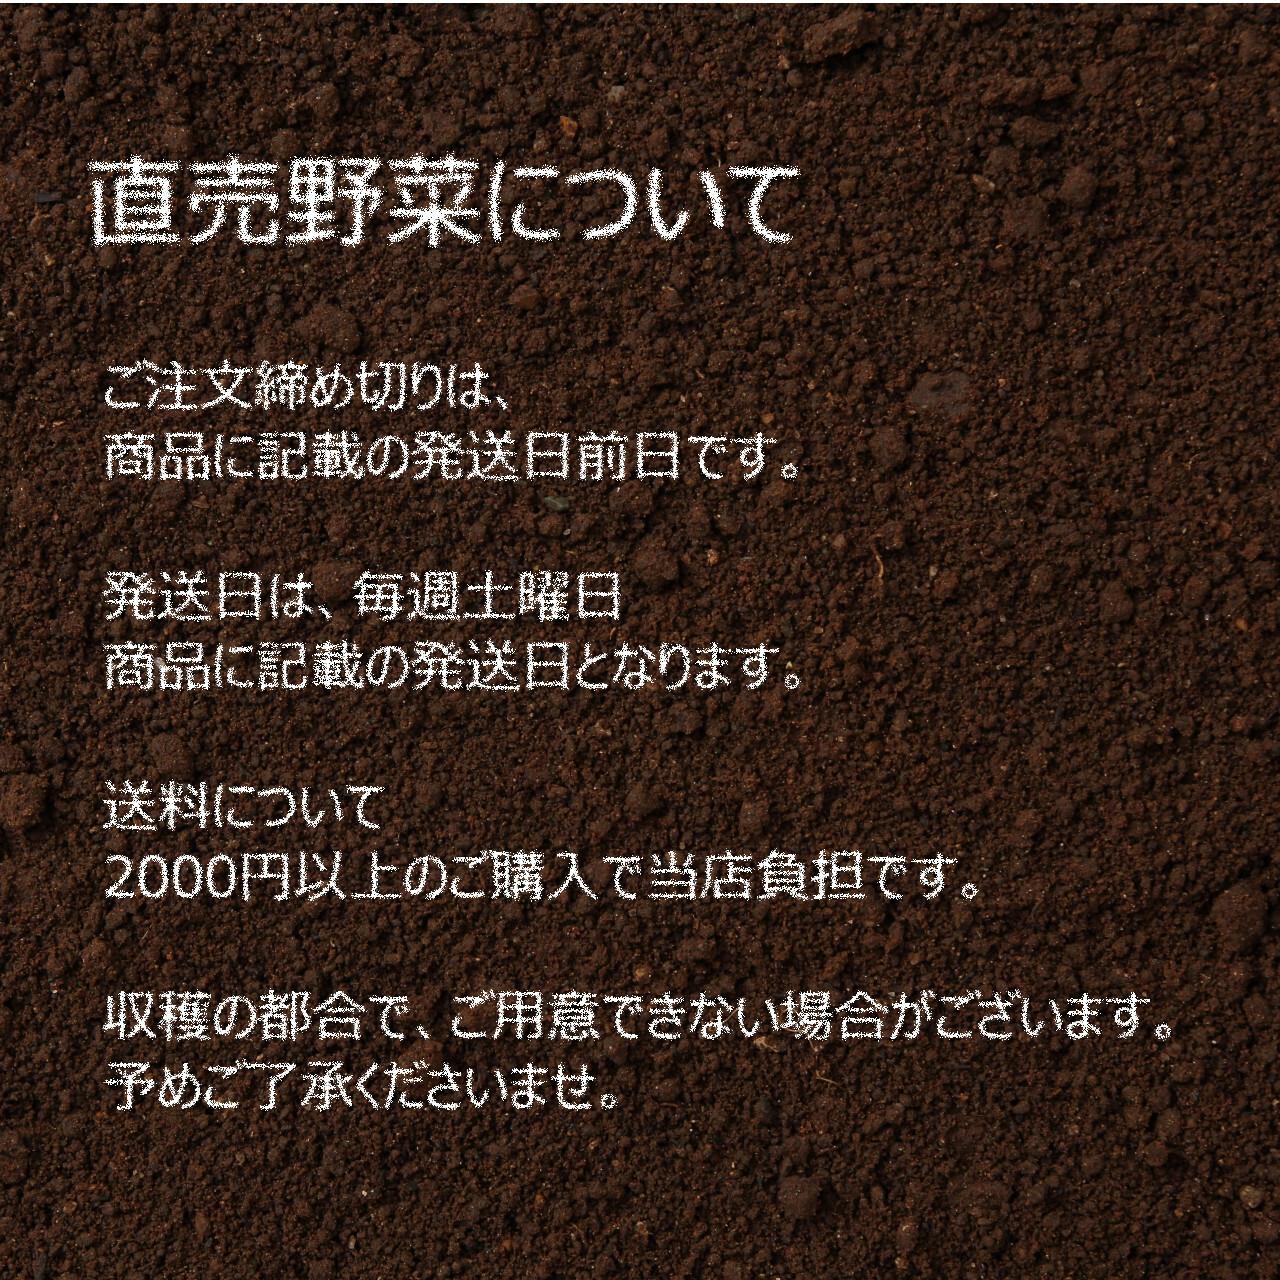 5月の朝採り直売野菜 春菊 約250g 新鮮な春野菜 5月8日発送予定